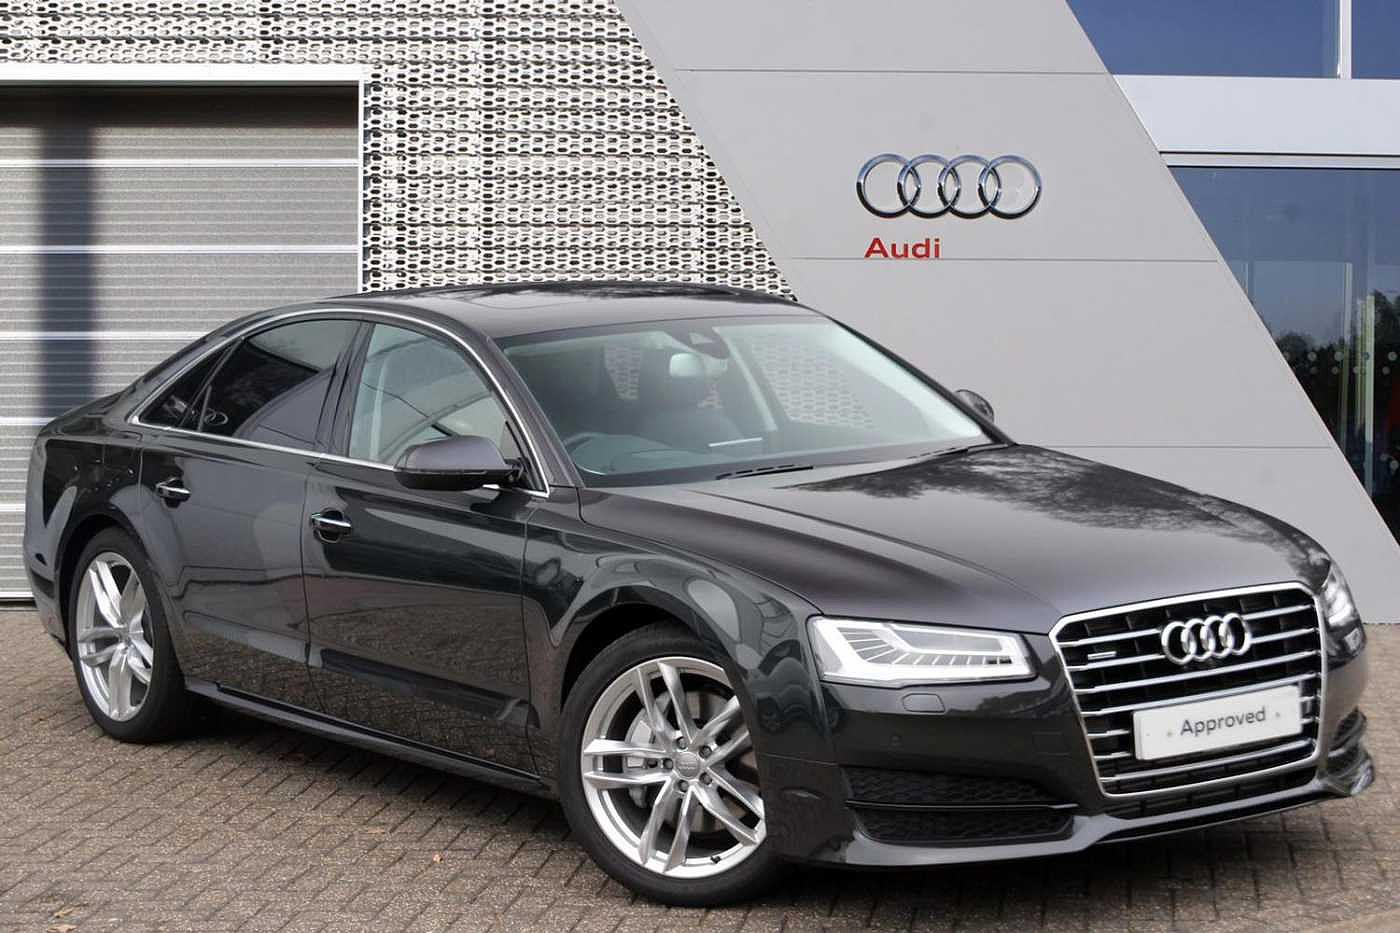 Kelebihan Kekurangan Audi A8 Sport Murah Berkualitas